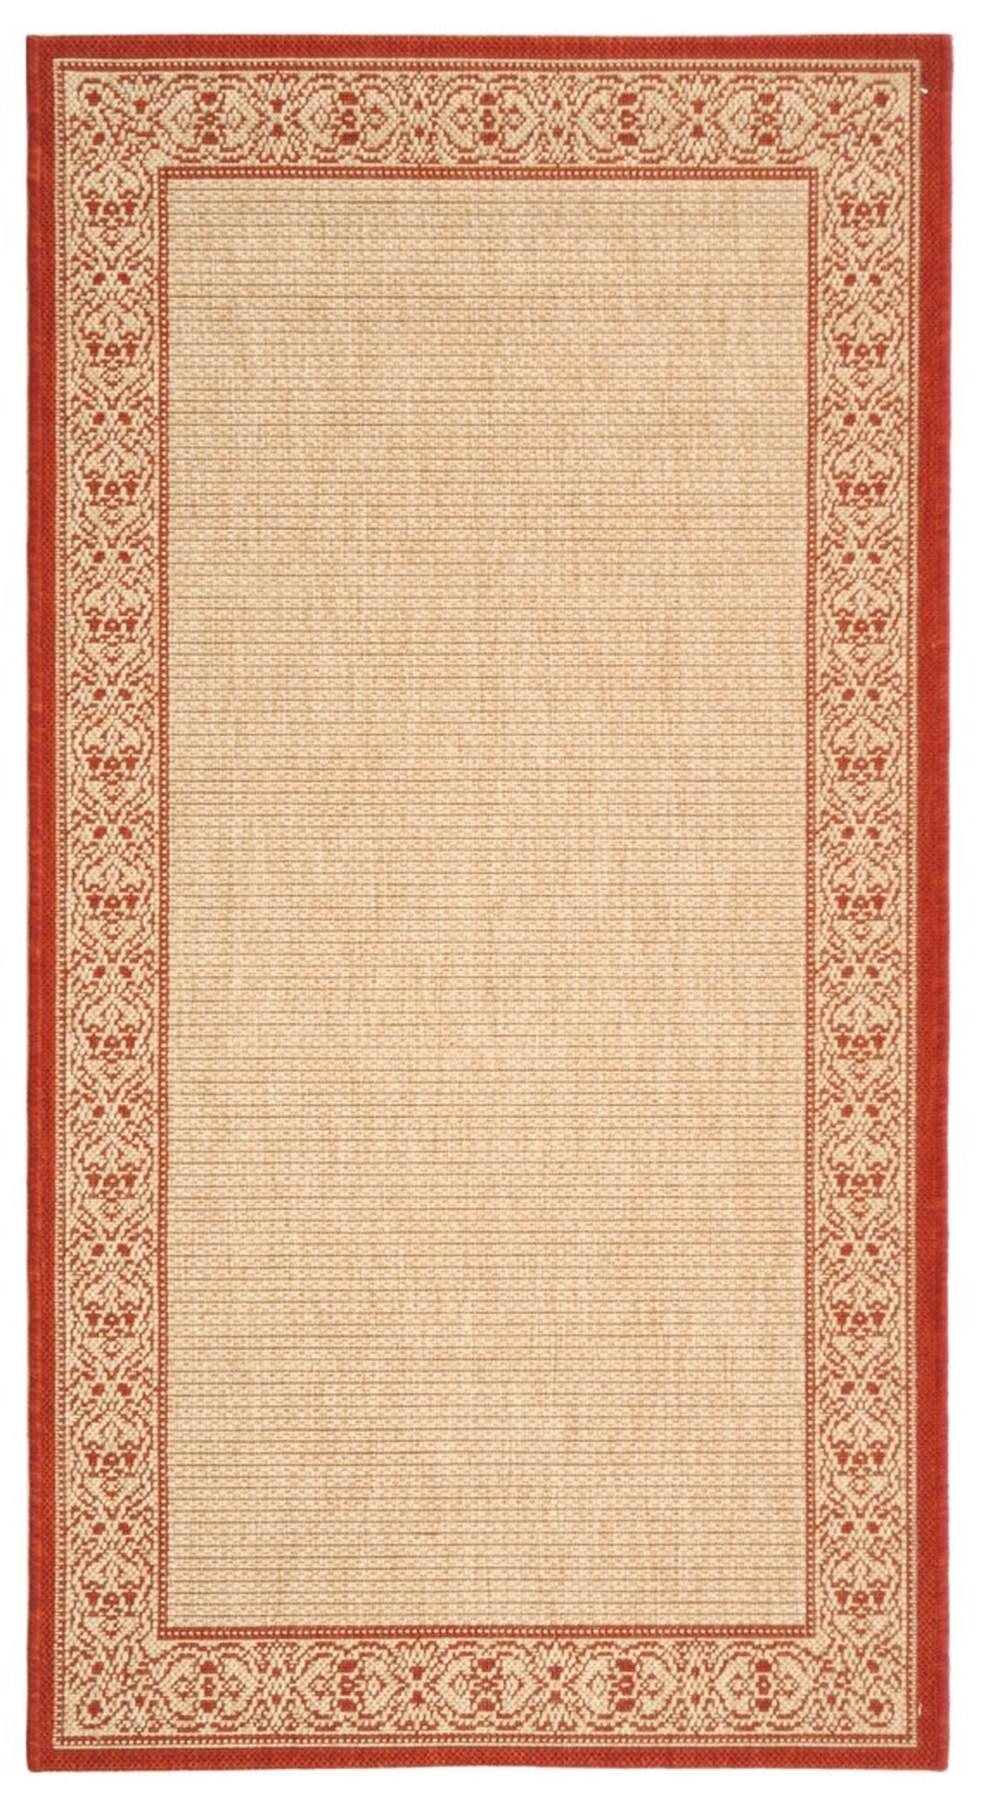 Courtyard Collection Design Cy2099 3701 Persian Border